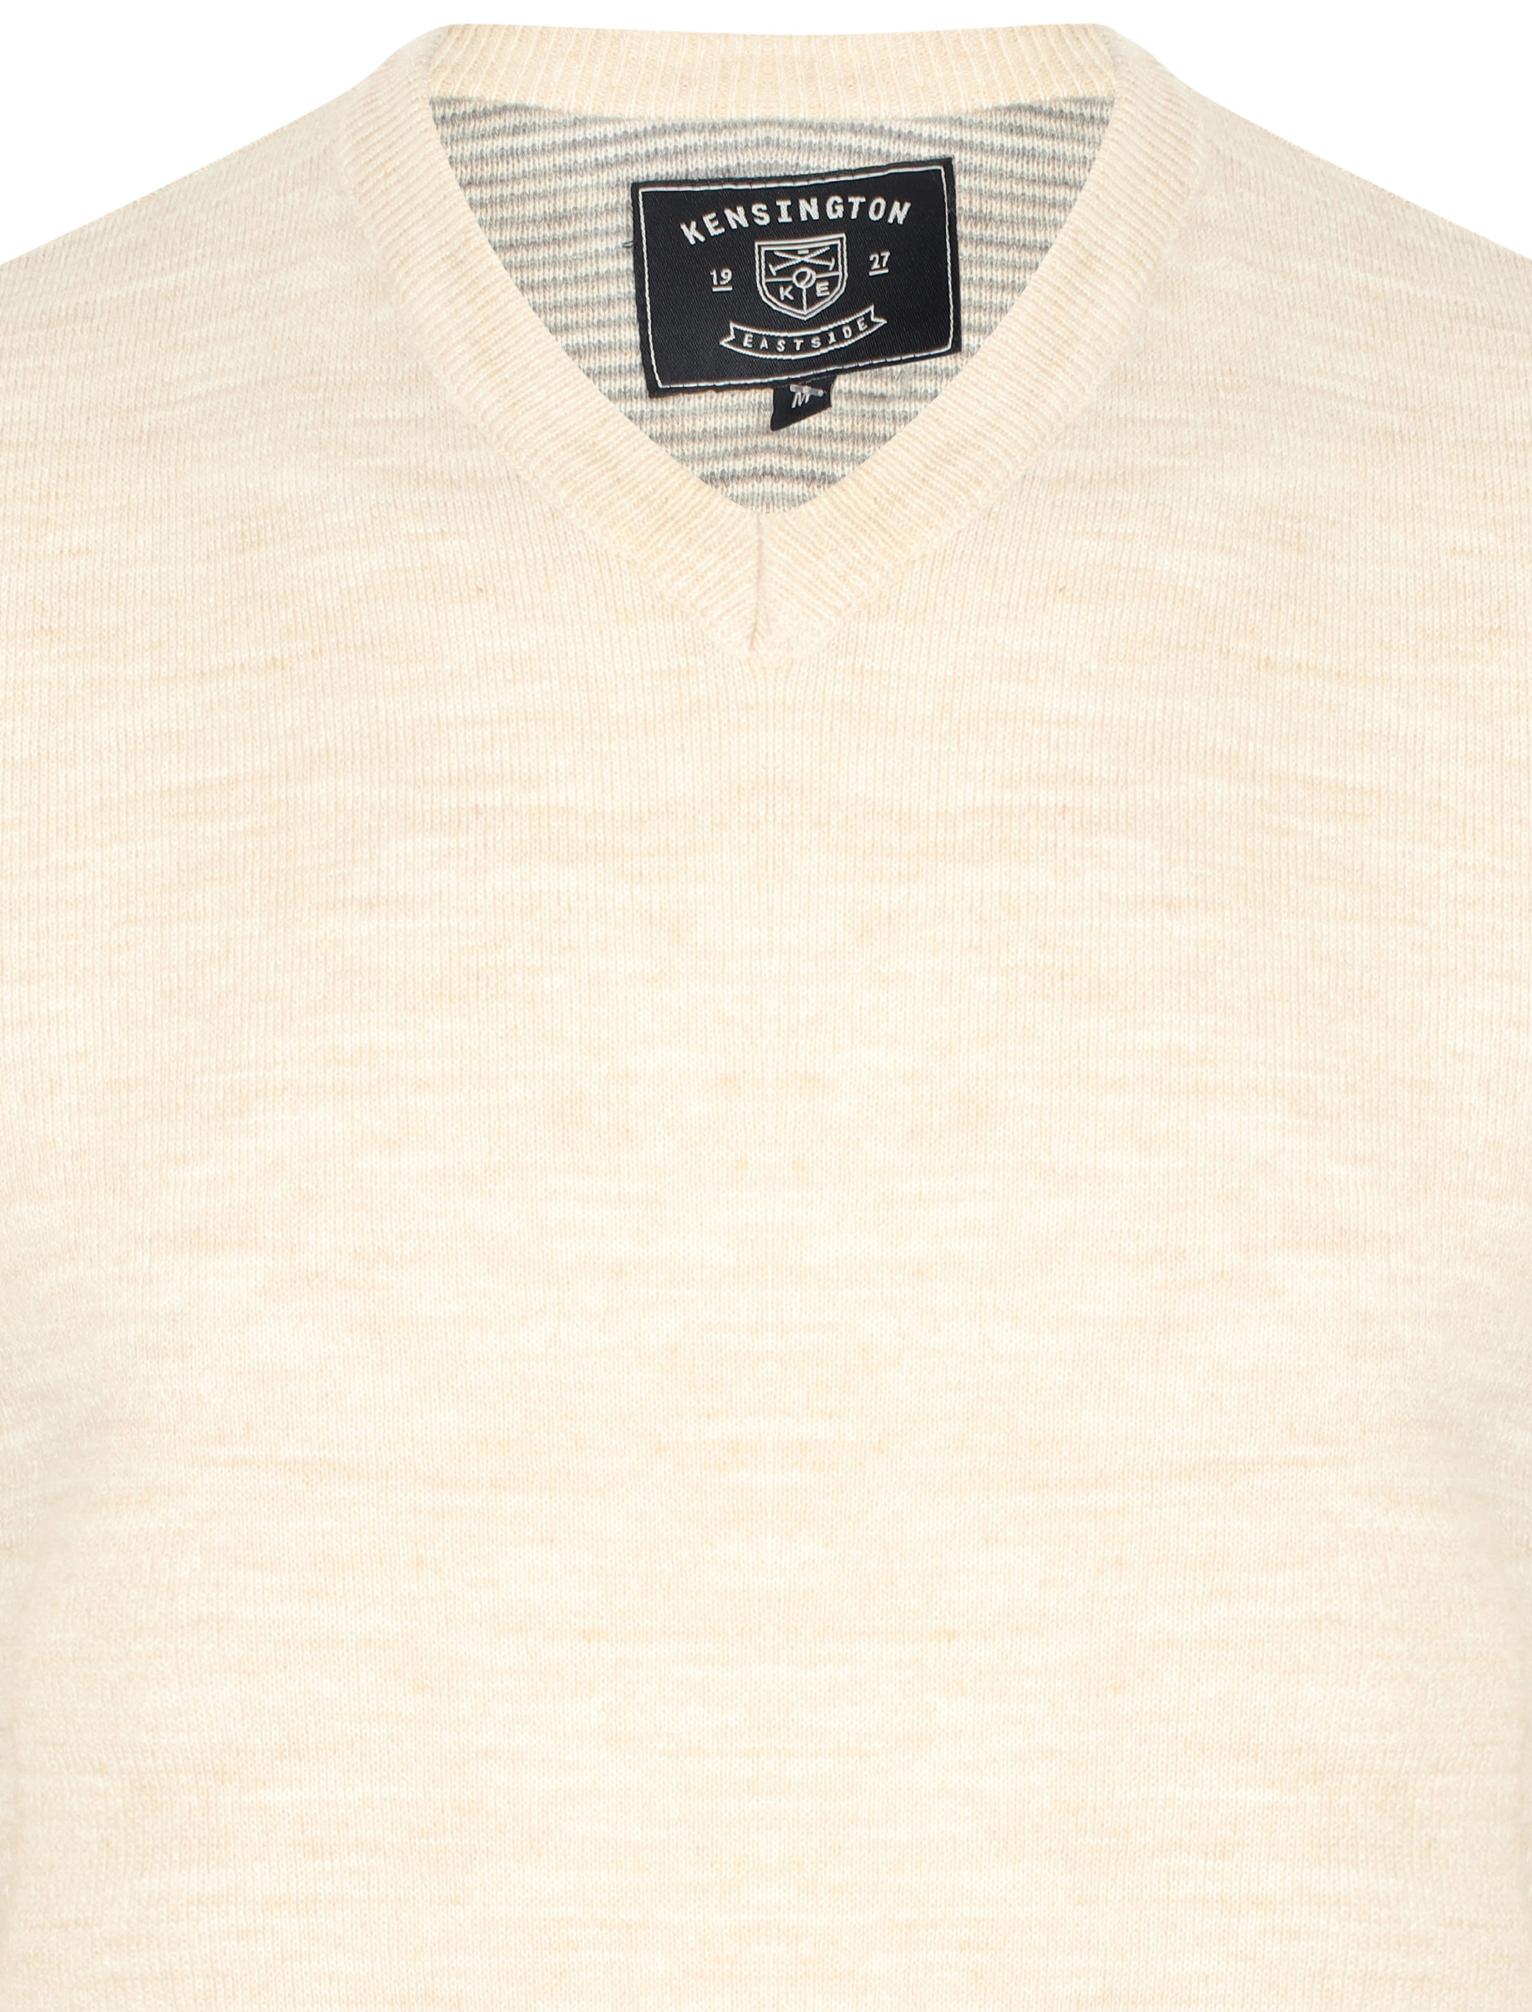 Kensington-Eastside-Men-039-s-Wool-Blend-Knitted-Crew-or-V-Neck-Jumper-Sweater-Top thumbnail 48